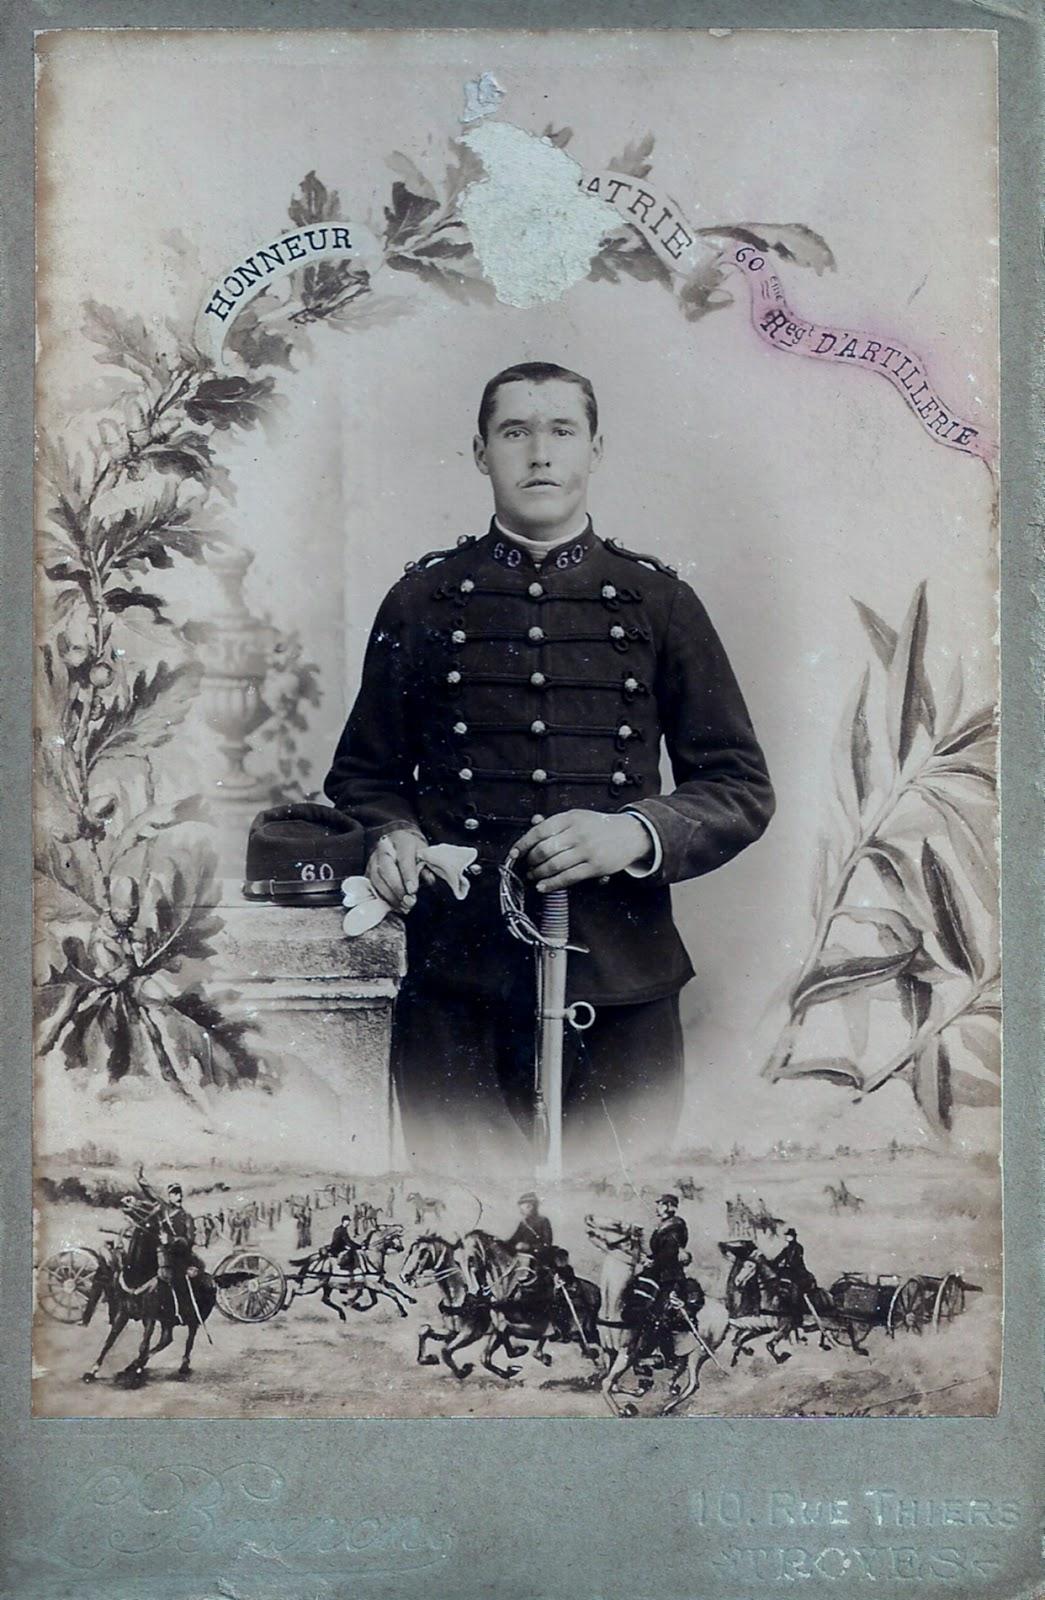 Eugène Préhau - Bataille de la Somme 1914-1915 Euge%25CC%2580ne+Pre%25CC%2581hau+service+militaire+1910+Troyes